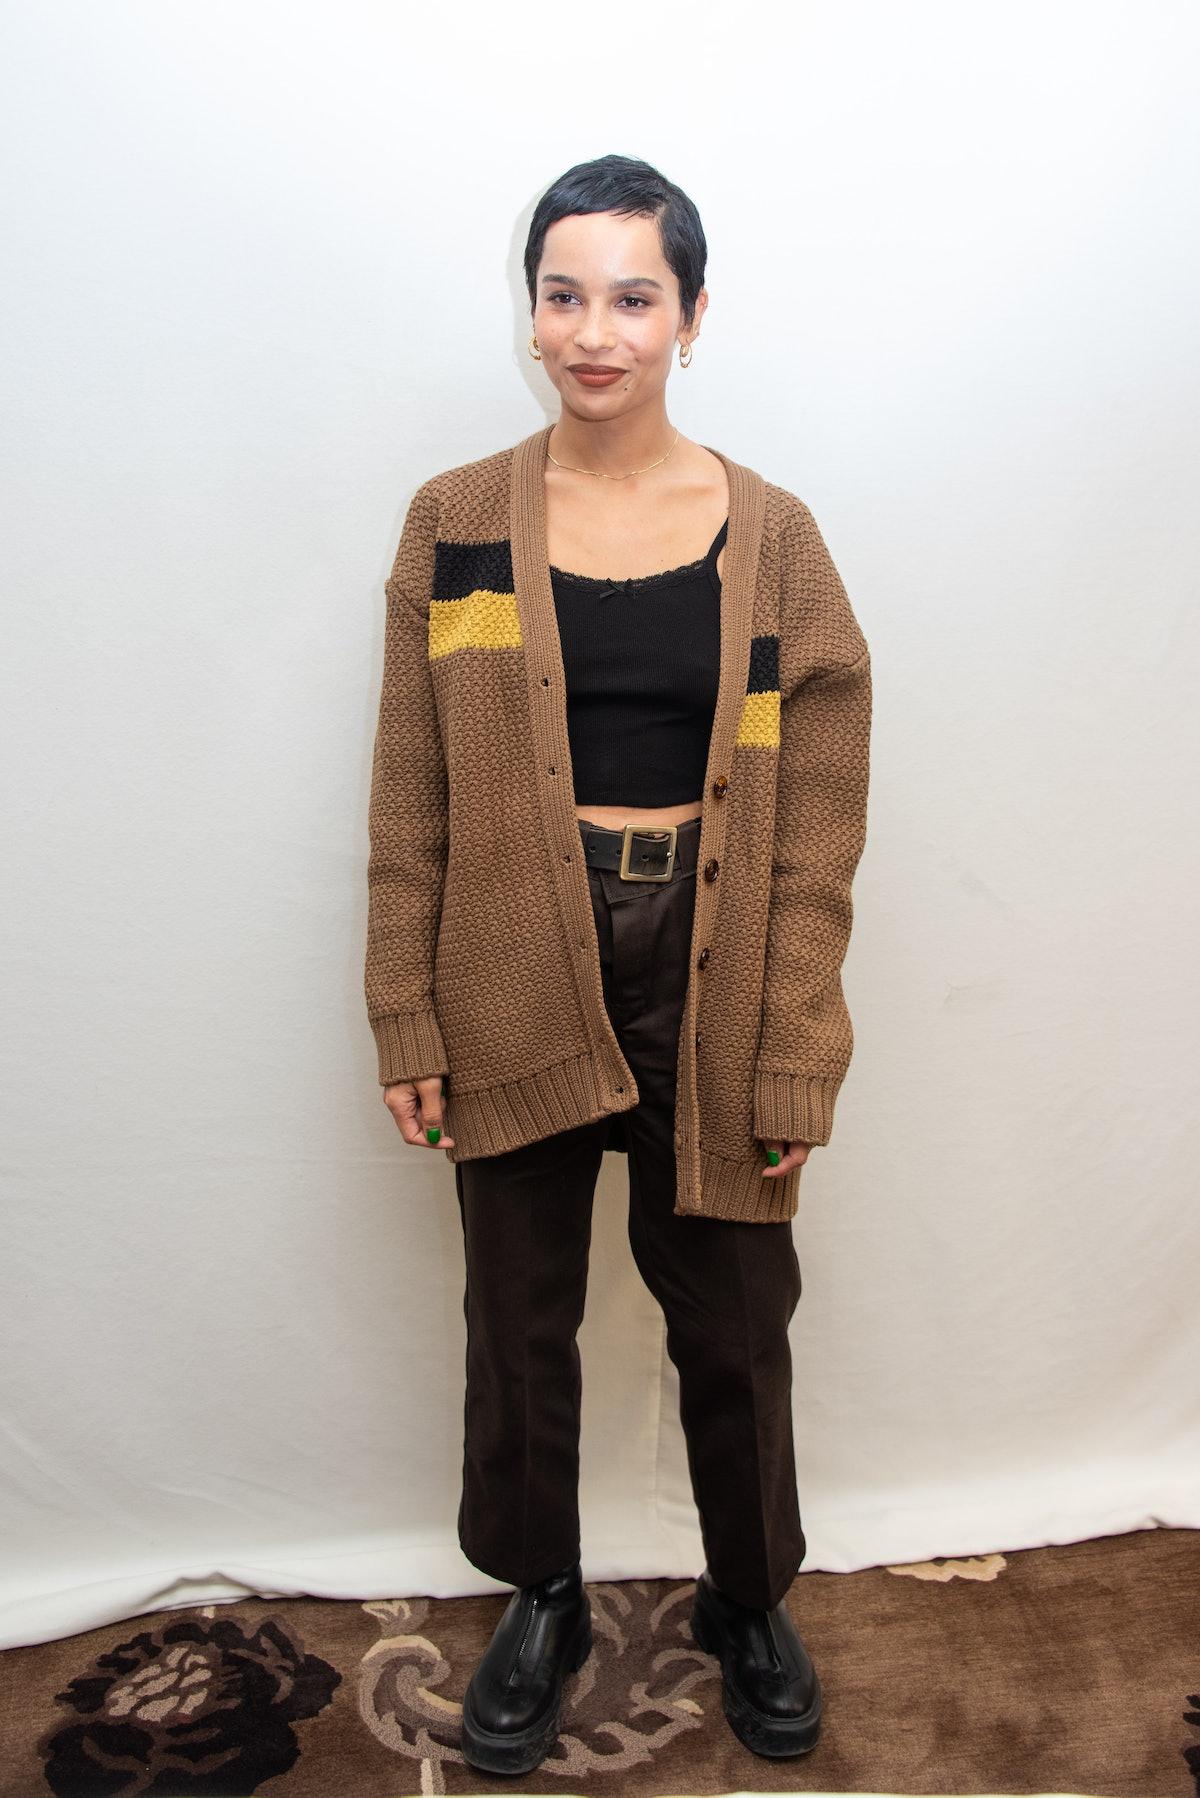 Zoe Kravitz in cardigan.